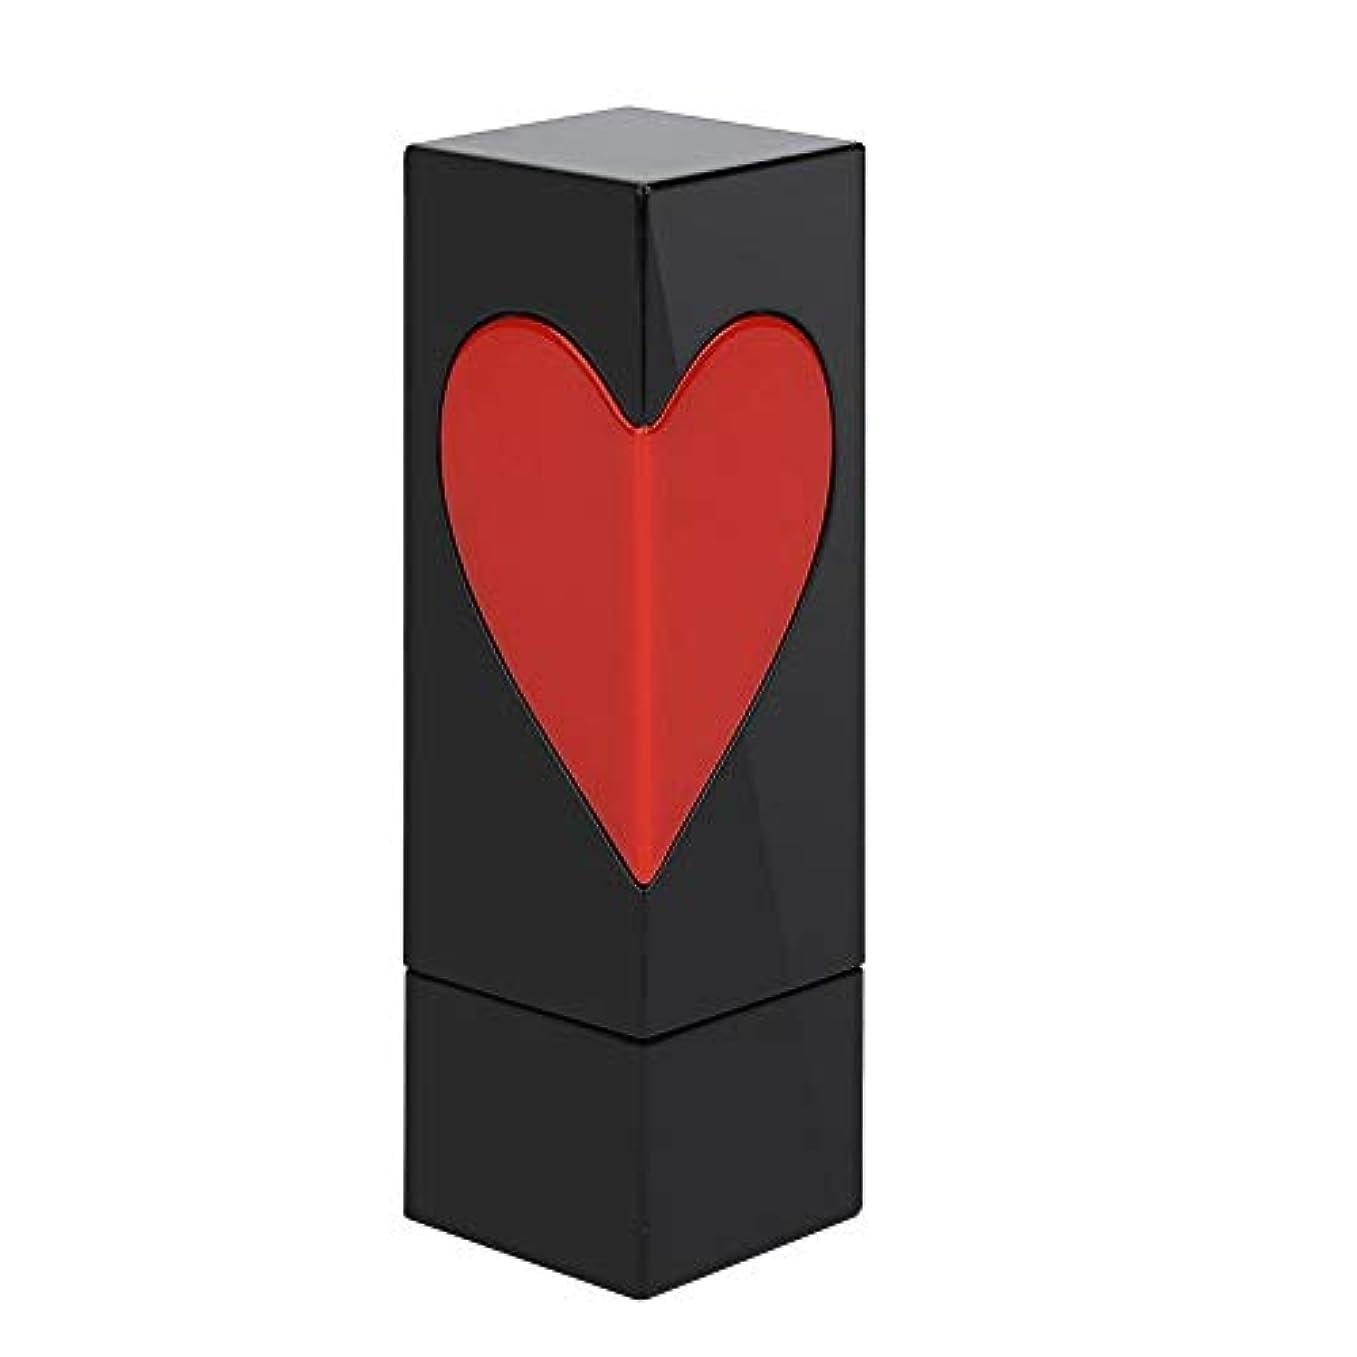 パレードスライム書き出すSemmeの空の口紅の管、愛の心の空のDIYの口紅の容器の自作の口紅型のリップ?クリームの管(シングルoppバッグ)